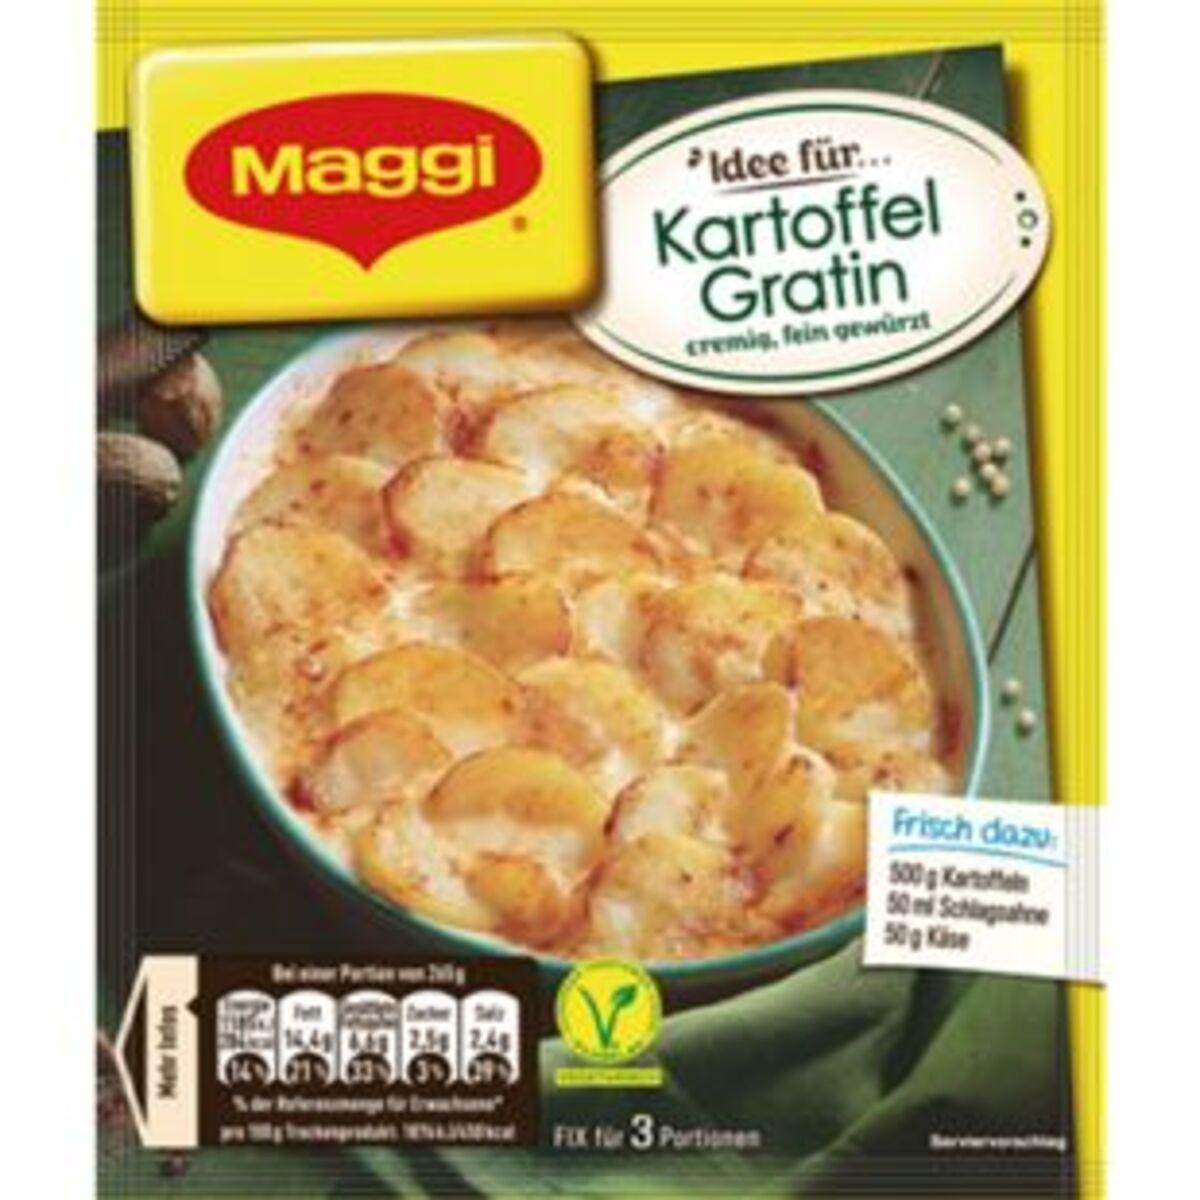 Bild 2 von Maggi Fix Kartoffel Gratin 43 g